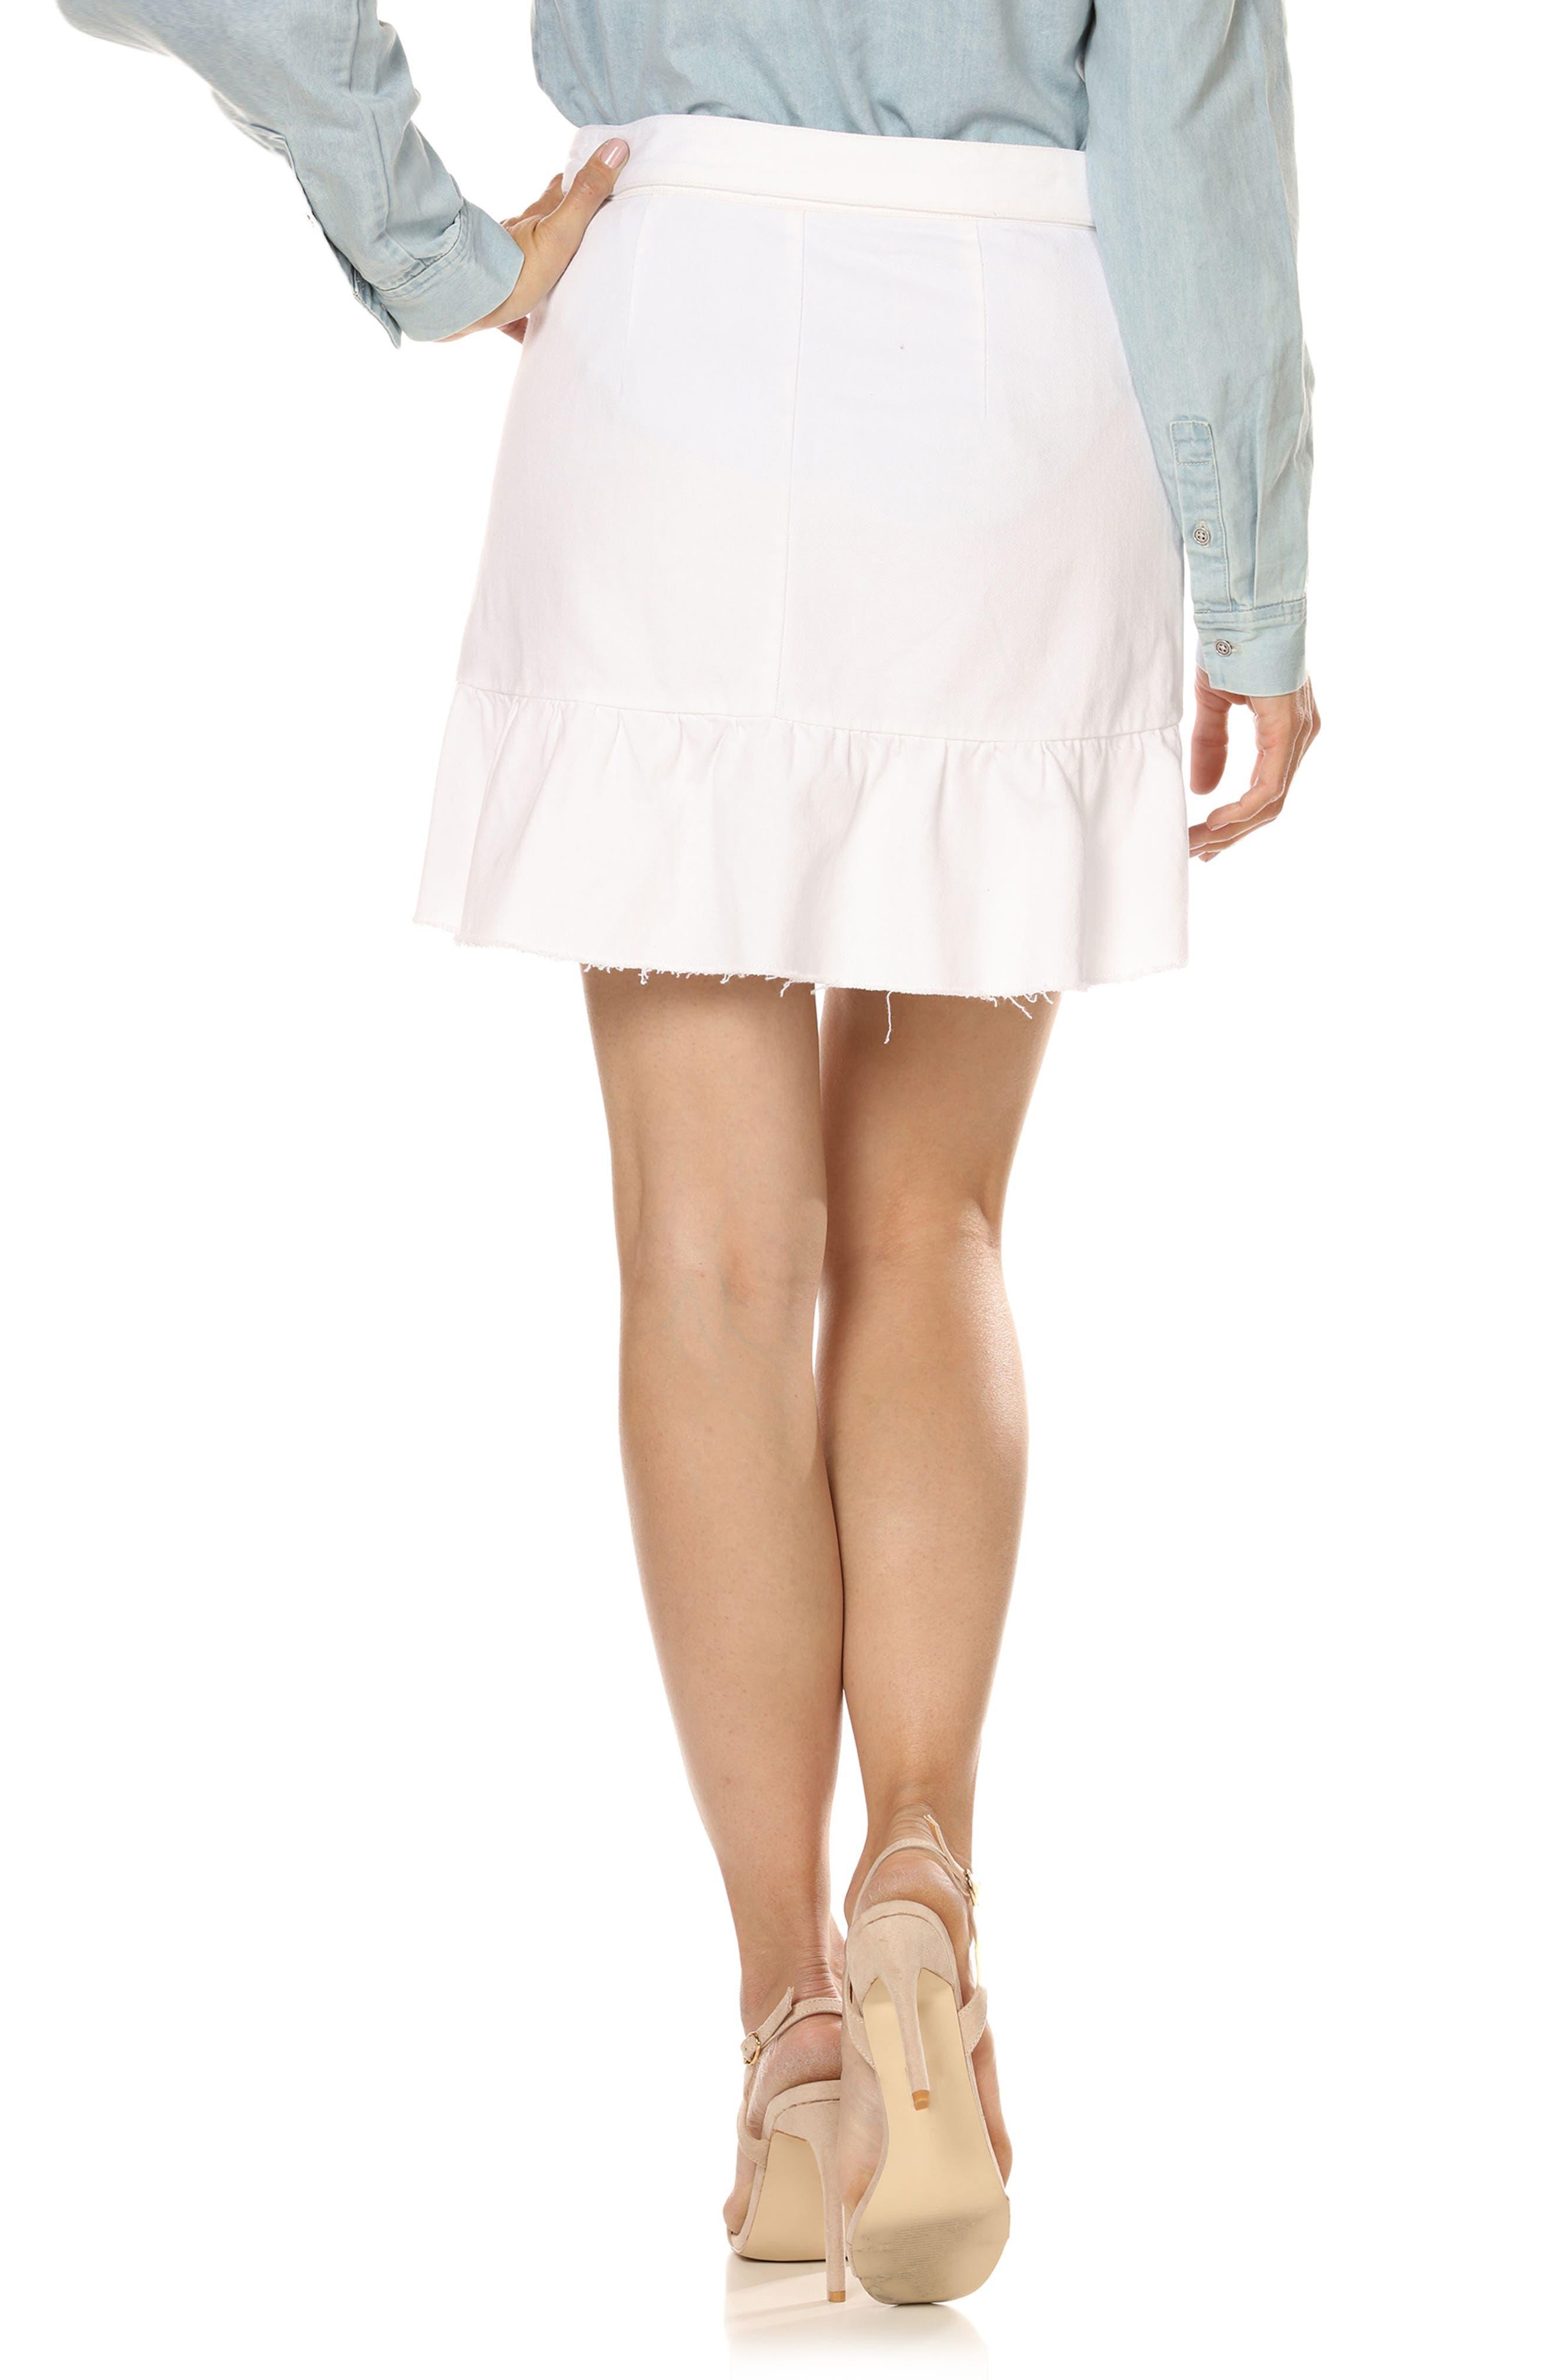 Nivelle Ruffle Denim Skirt,                             Alternate thumbnail 2, color,                             Crisp White